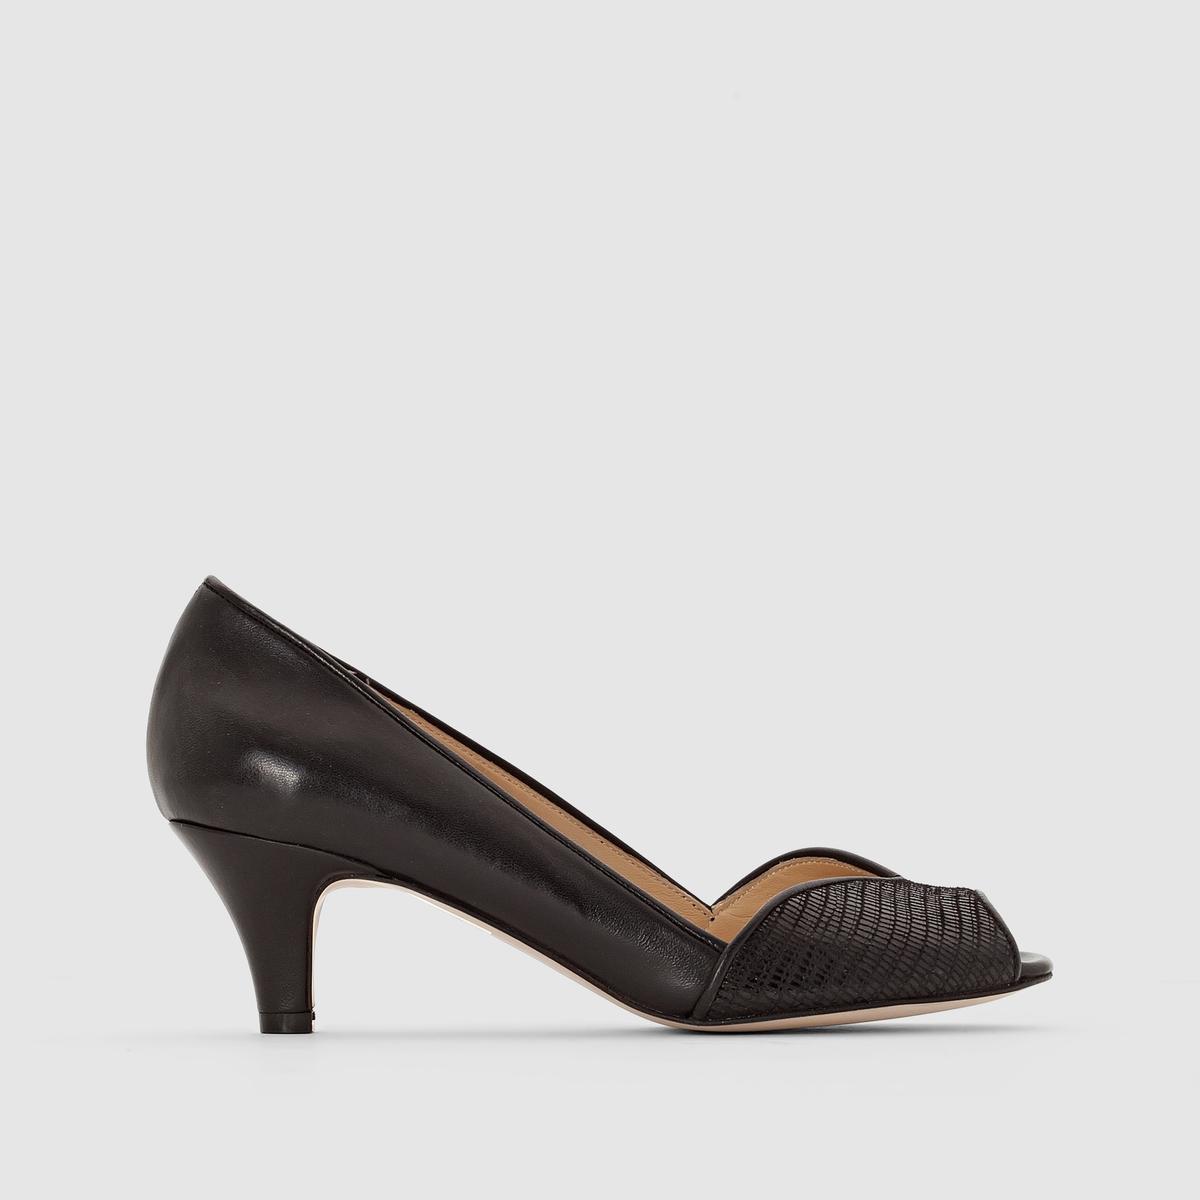 Туфли кожаные с открытым мыскомJONAK цены онлайн